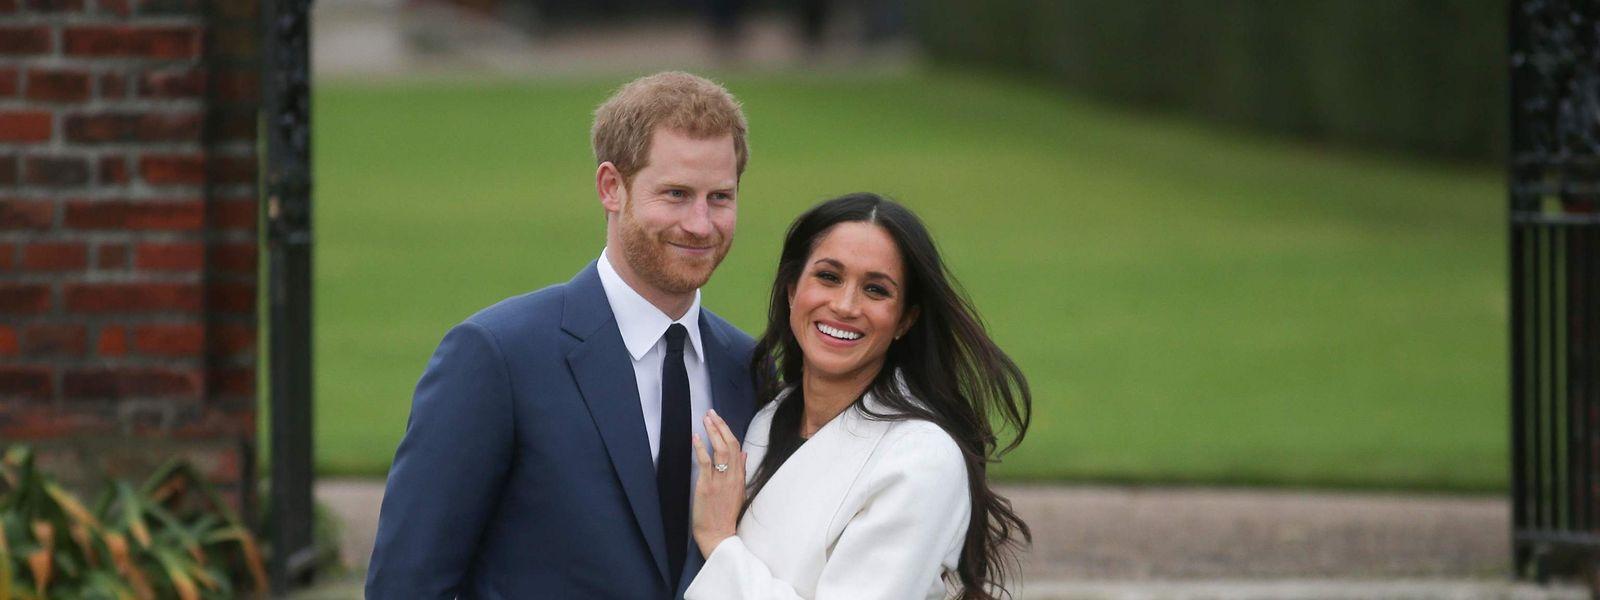 Harry und Meghan haben ihre royalen Aktivitäten Ende März aufgegeben.